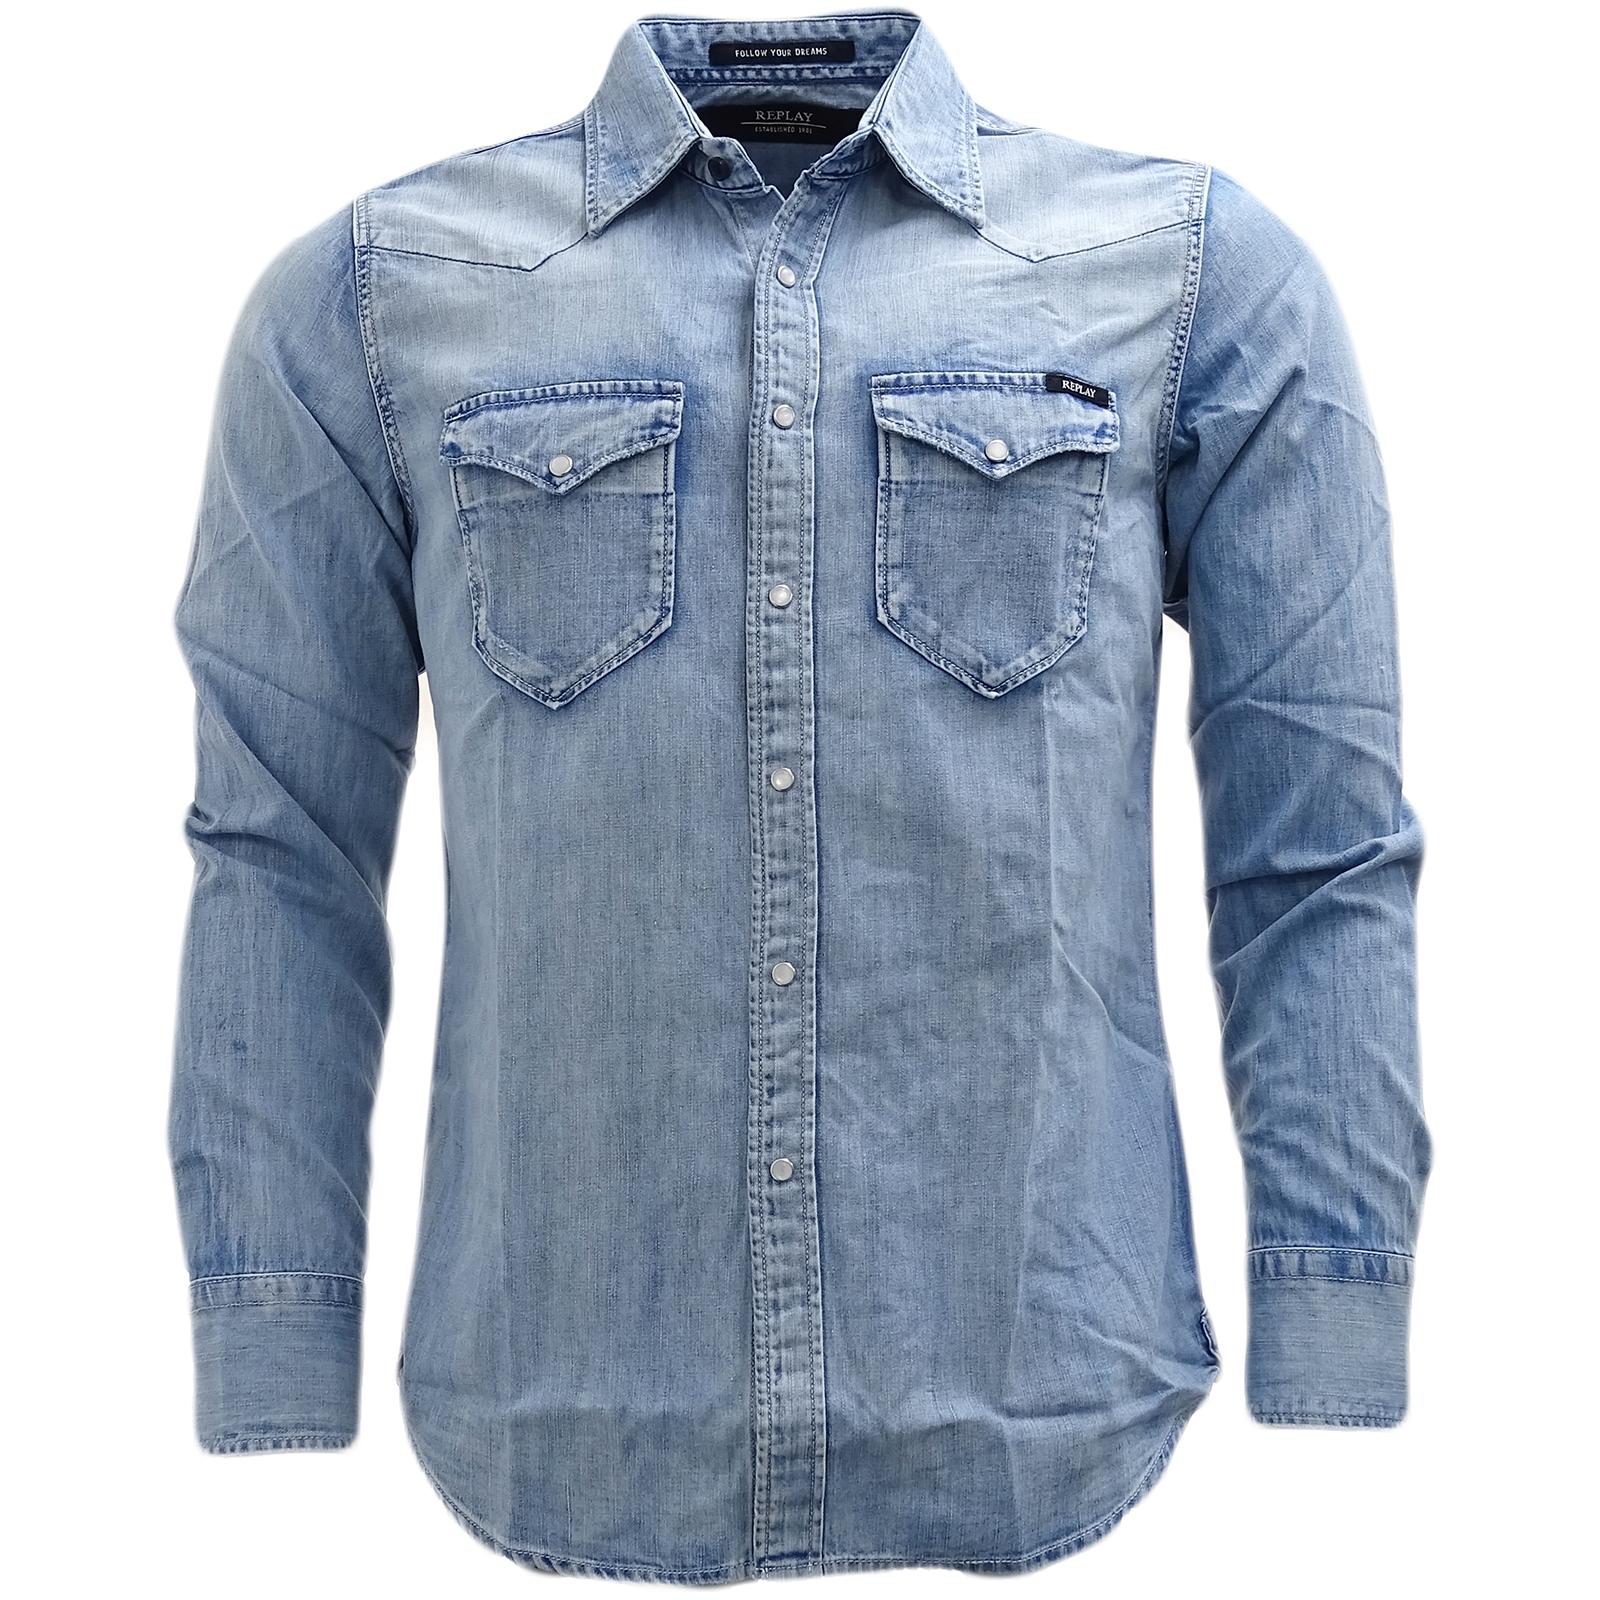 852d864cb Details about Replay Blue Lightweight Popper Front Western Denim Shirt Shirt  - M4981.26C.295.0